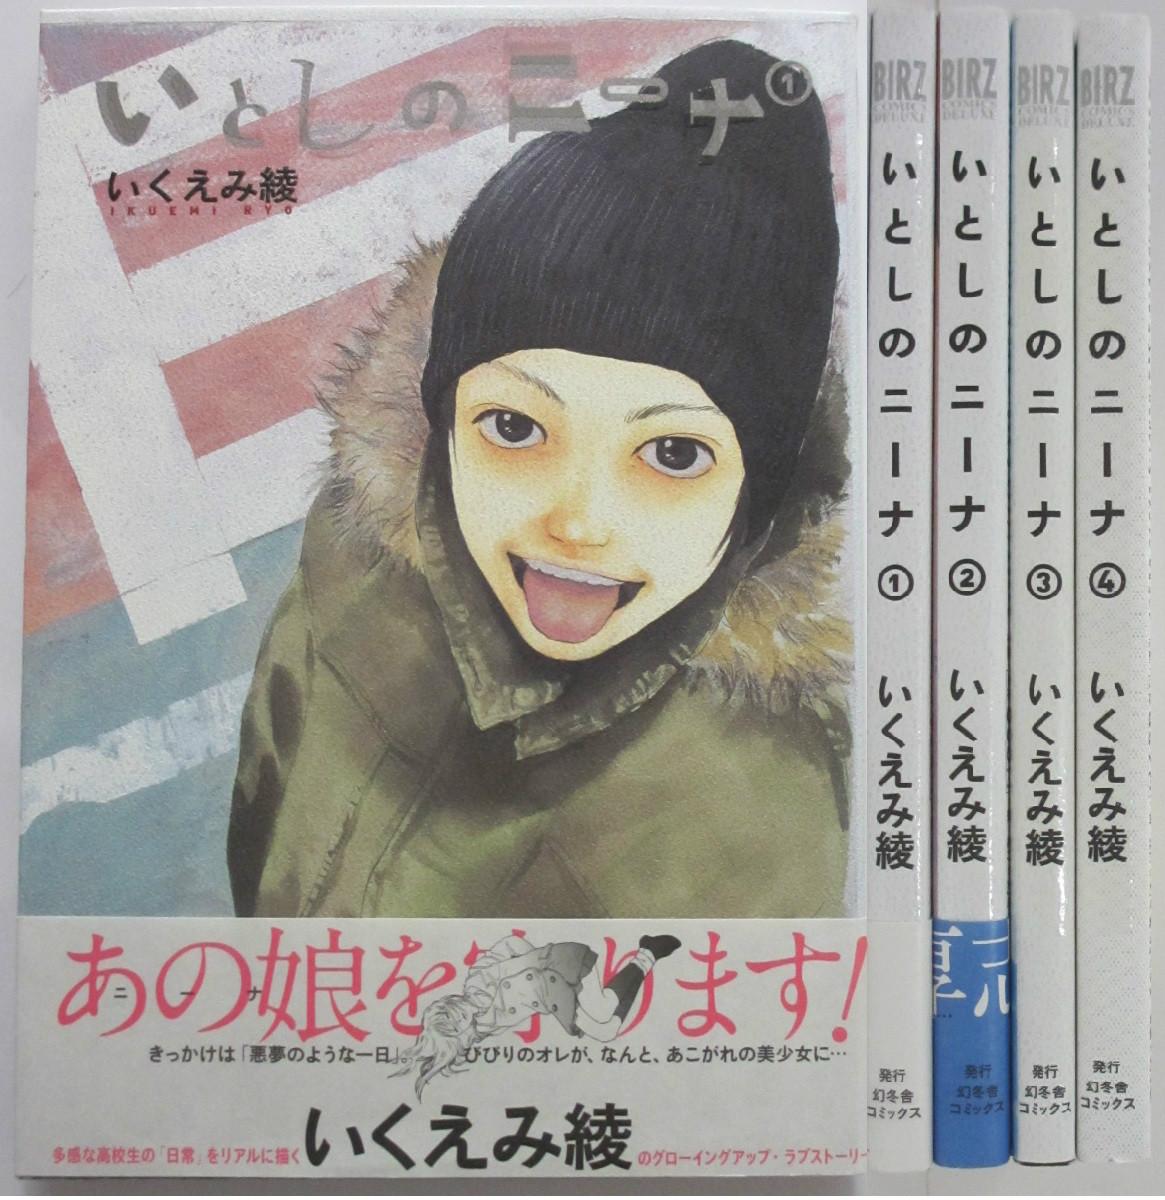 入手困難 安い 中古 いとしのニーナ 全巻セット いくえみ綾 1-4